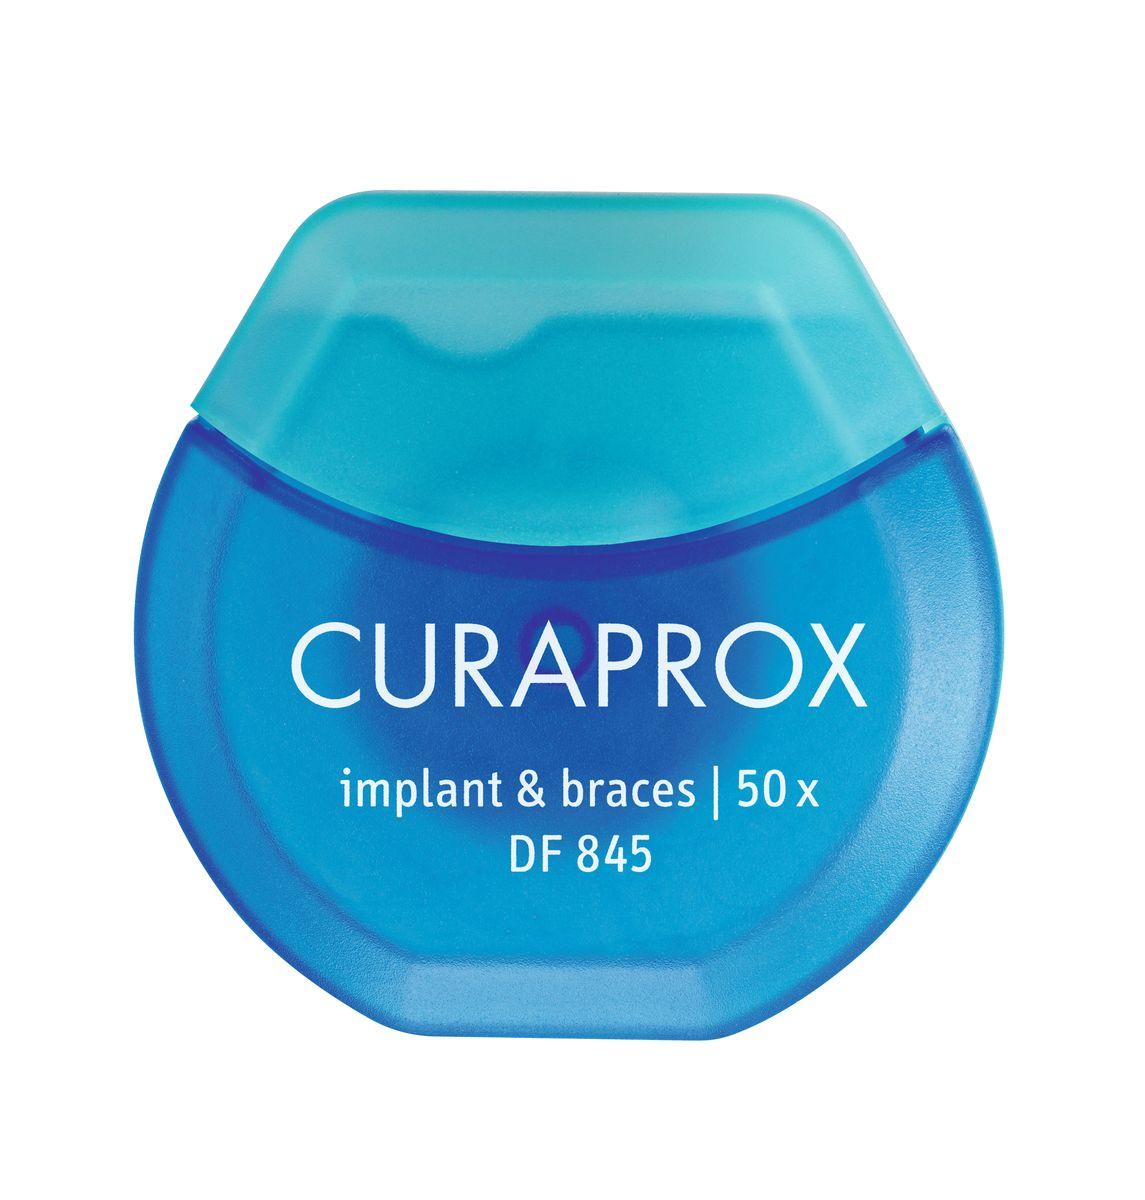 Curaprox DF 845 Нить межзубная нейлоновая implant & braces (50 шт)DF845Назначение: очищение межзубных промежутков у пациентов с имплантами и брекетами. Рекомендации: использовать ежедневно после приема пищи, минимум 1 раз в день. Состав: